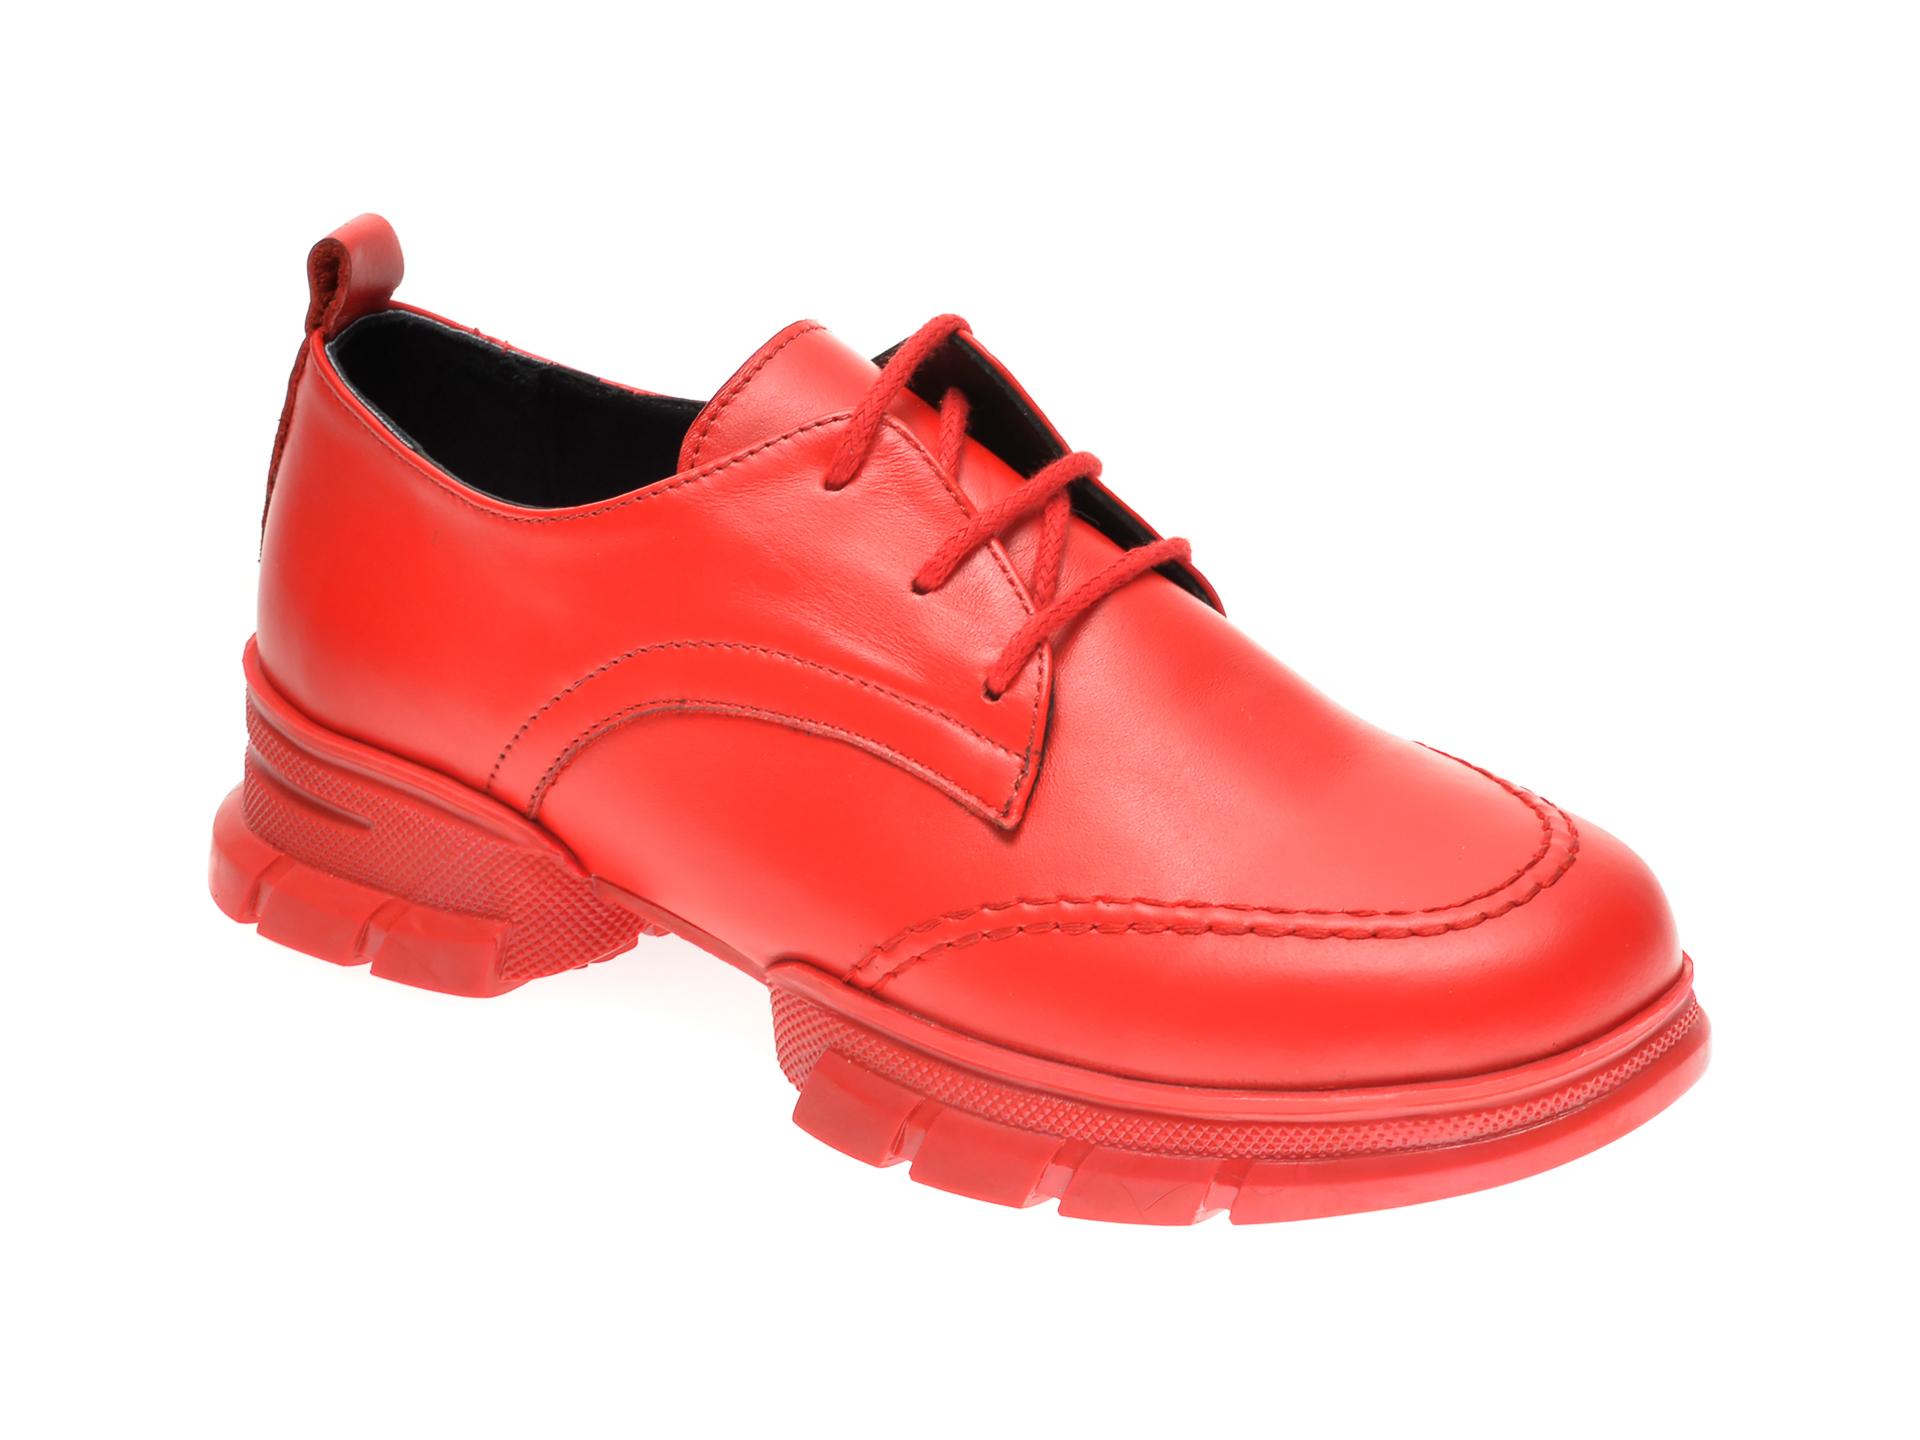 Pantofi FLAVIA PASSINI rosii, 297063, din piele naturala imagine